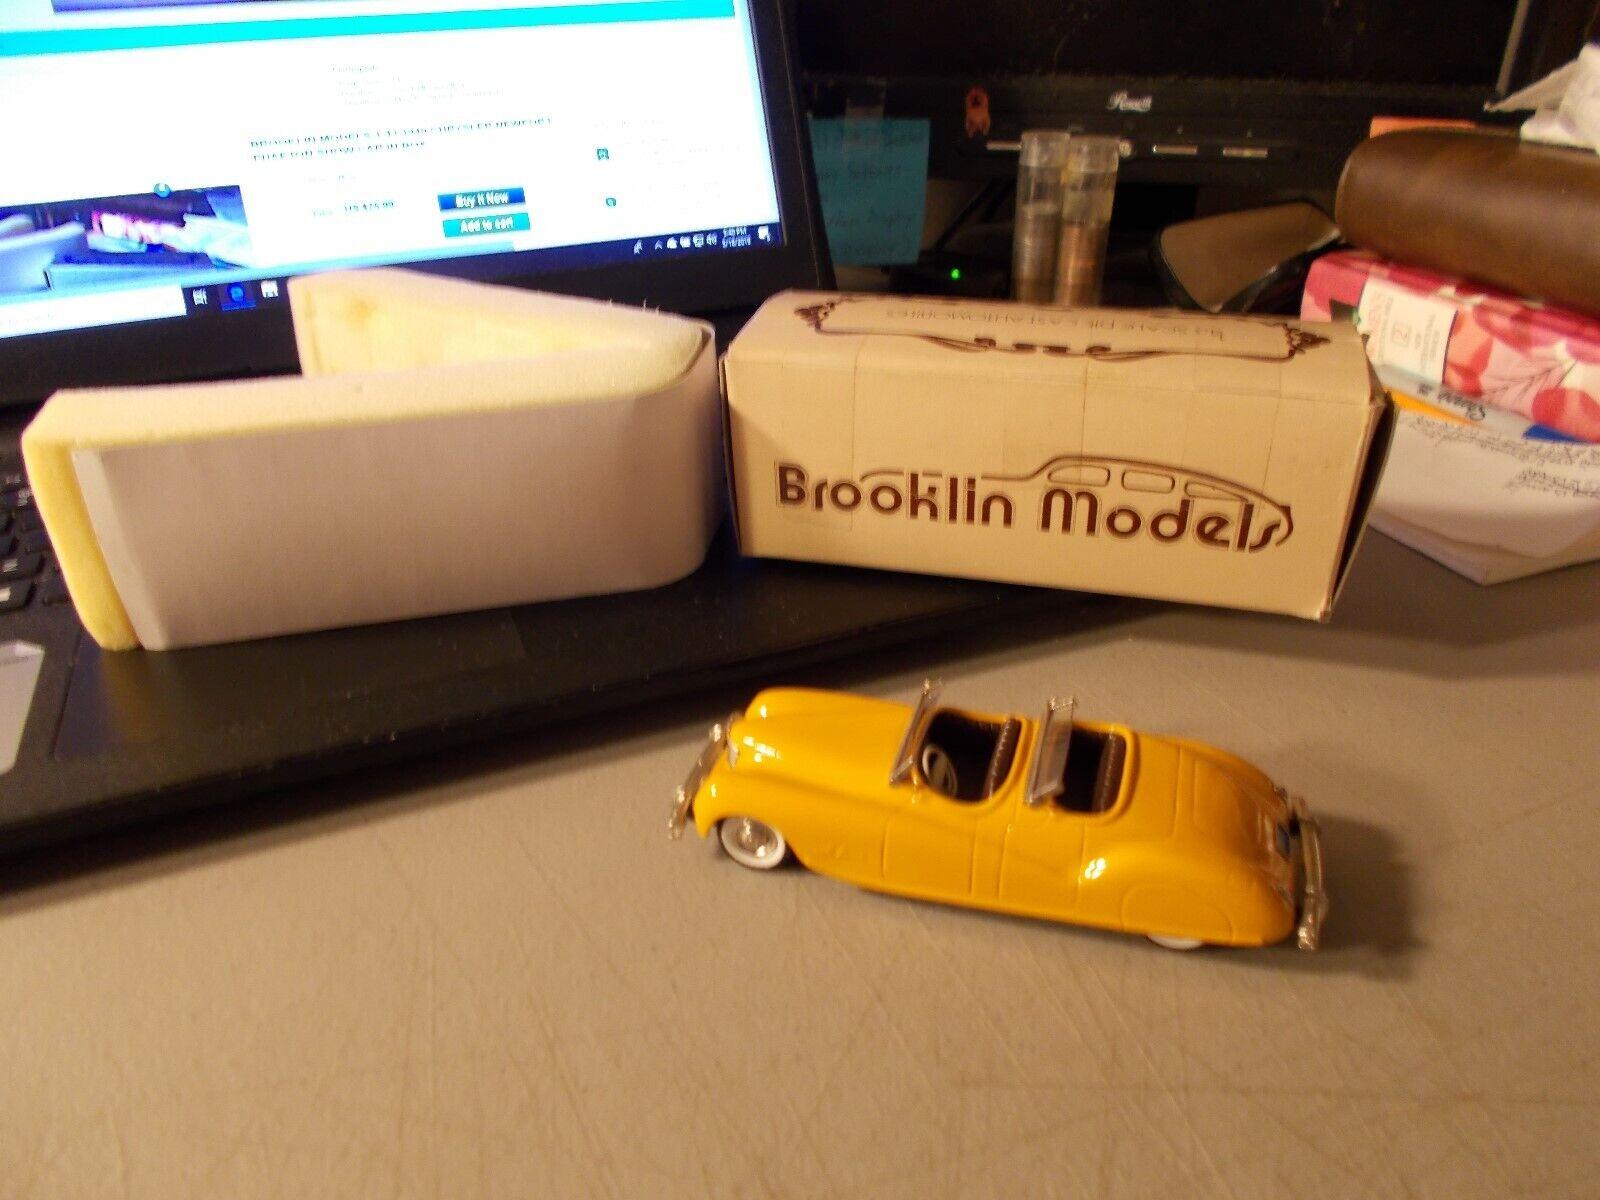 Brooklin modelos 1 43 1940 Chrysler Newport Phaeton Mostrar Coche giallo arancia En Caja